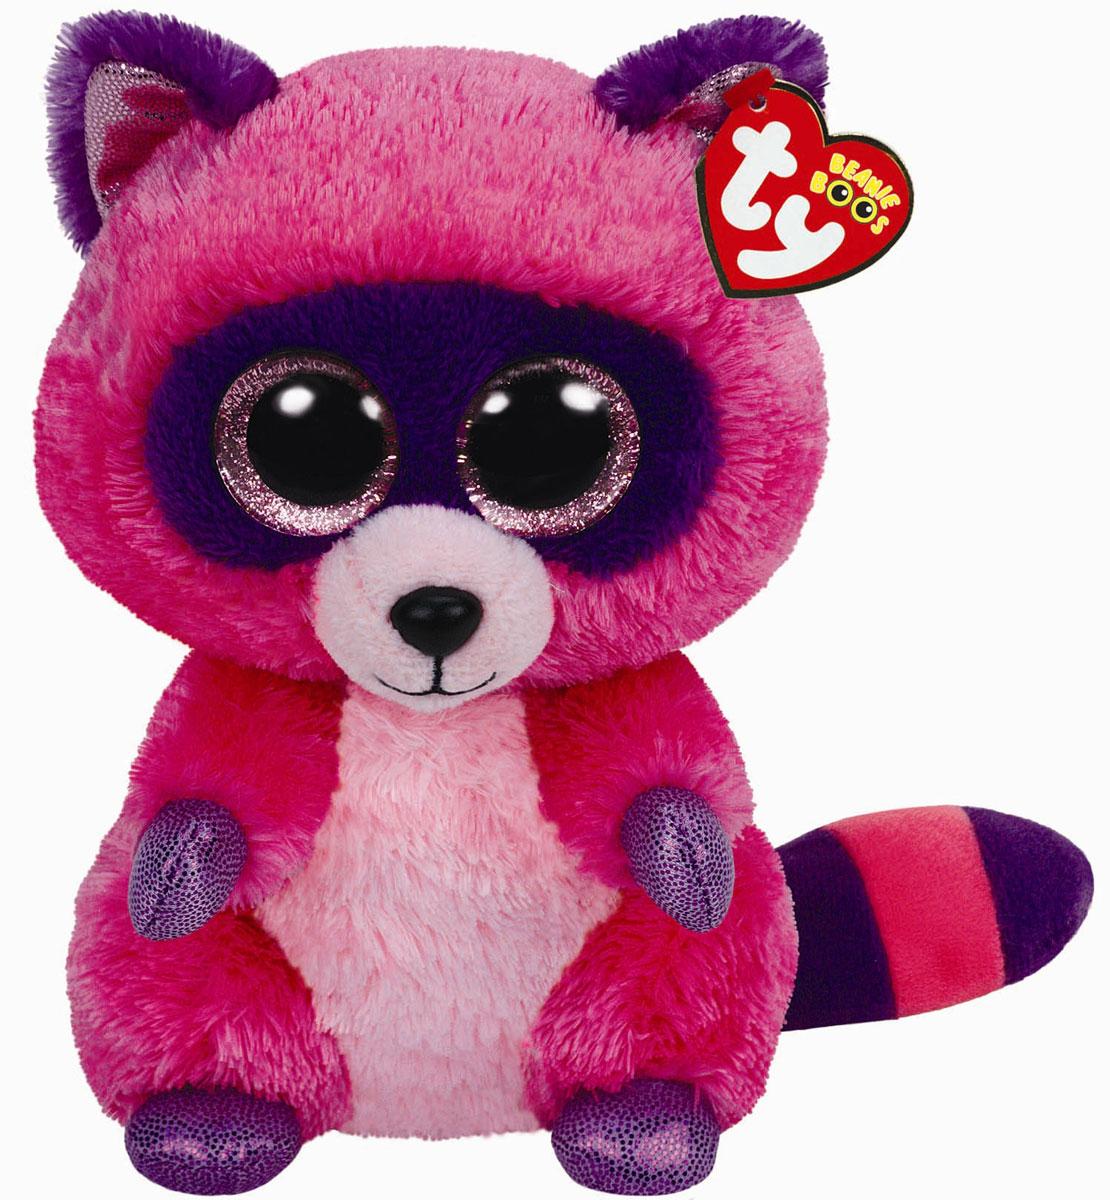 TY Мягкая игрушка Енот Roxie 22 см37043Мягкая игрушка Енот Roxie обязательно вызовет положительные эмоции и улыбку у каждого. Игрушка изготовлена из безопасных, приятных на ощупь материалов в виде ярко-розового енотика. У игрушки фиолетовые лапки, полосатый хвостик и огромные пластиковые глазки. Гранулы из пластика, используемые при набивке игрушки, способствуют развитию мелкой моторики рук ребенка. Симпатичная игрушка будет радовать вашего ребенка, а также способствовать полноценному и гармоничному развитию его личности. Великолепное качество исполнения делают эту игрушку чудесным подарком к любому празднику, как для ребенка, так и взрослого человека!